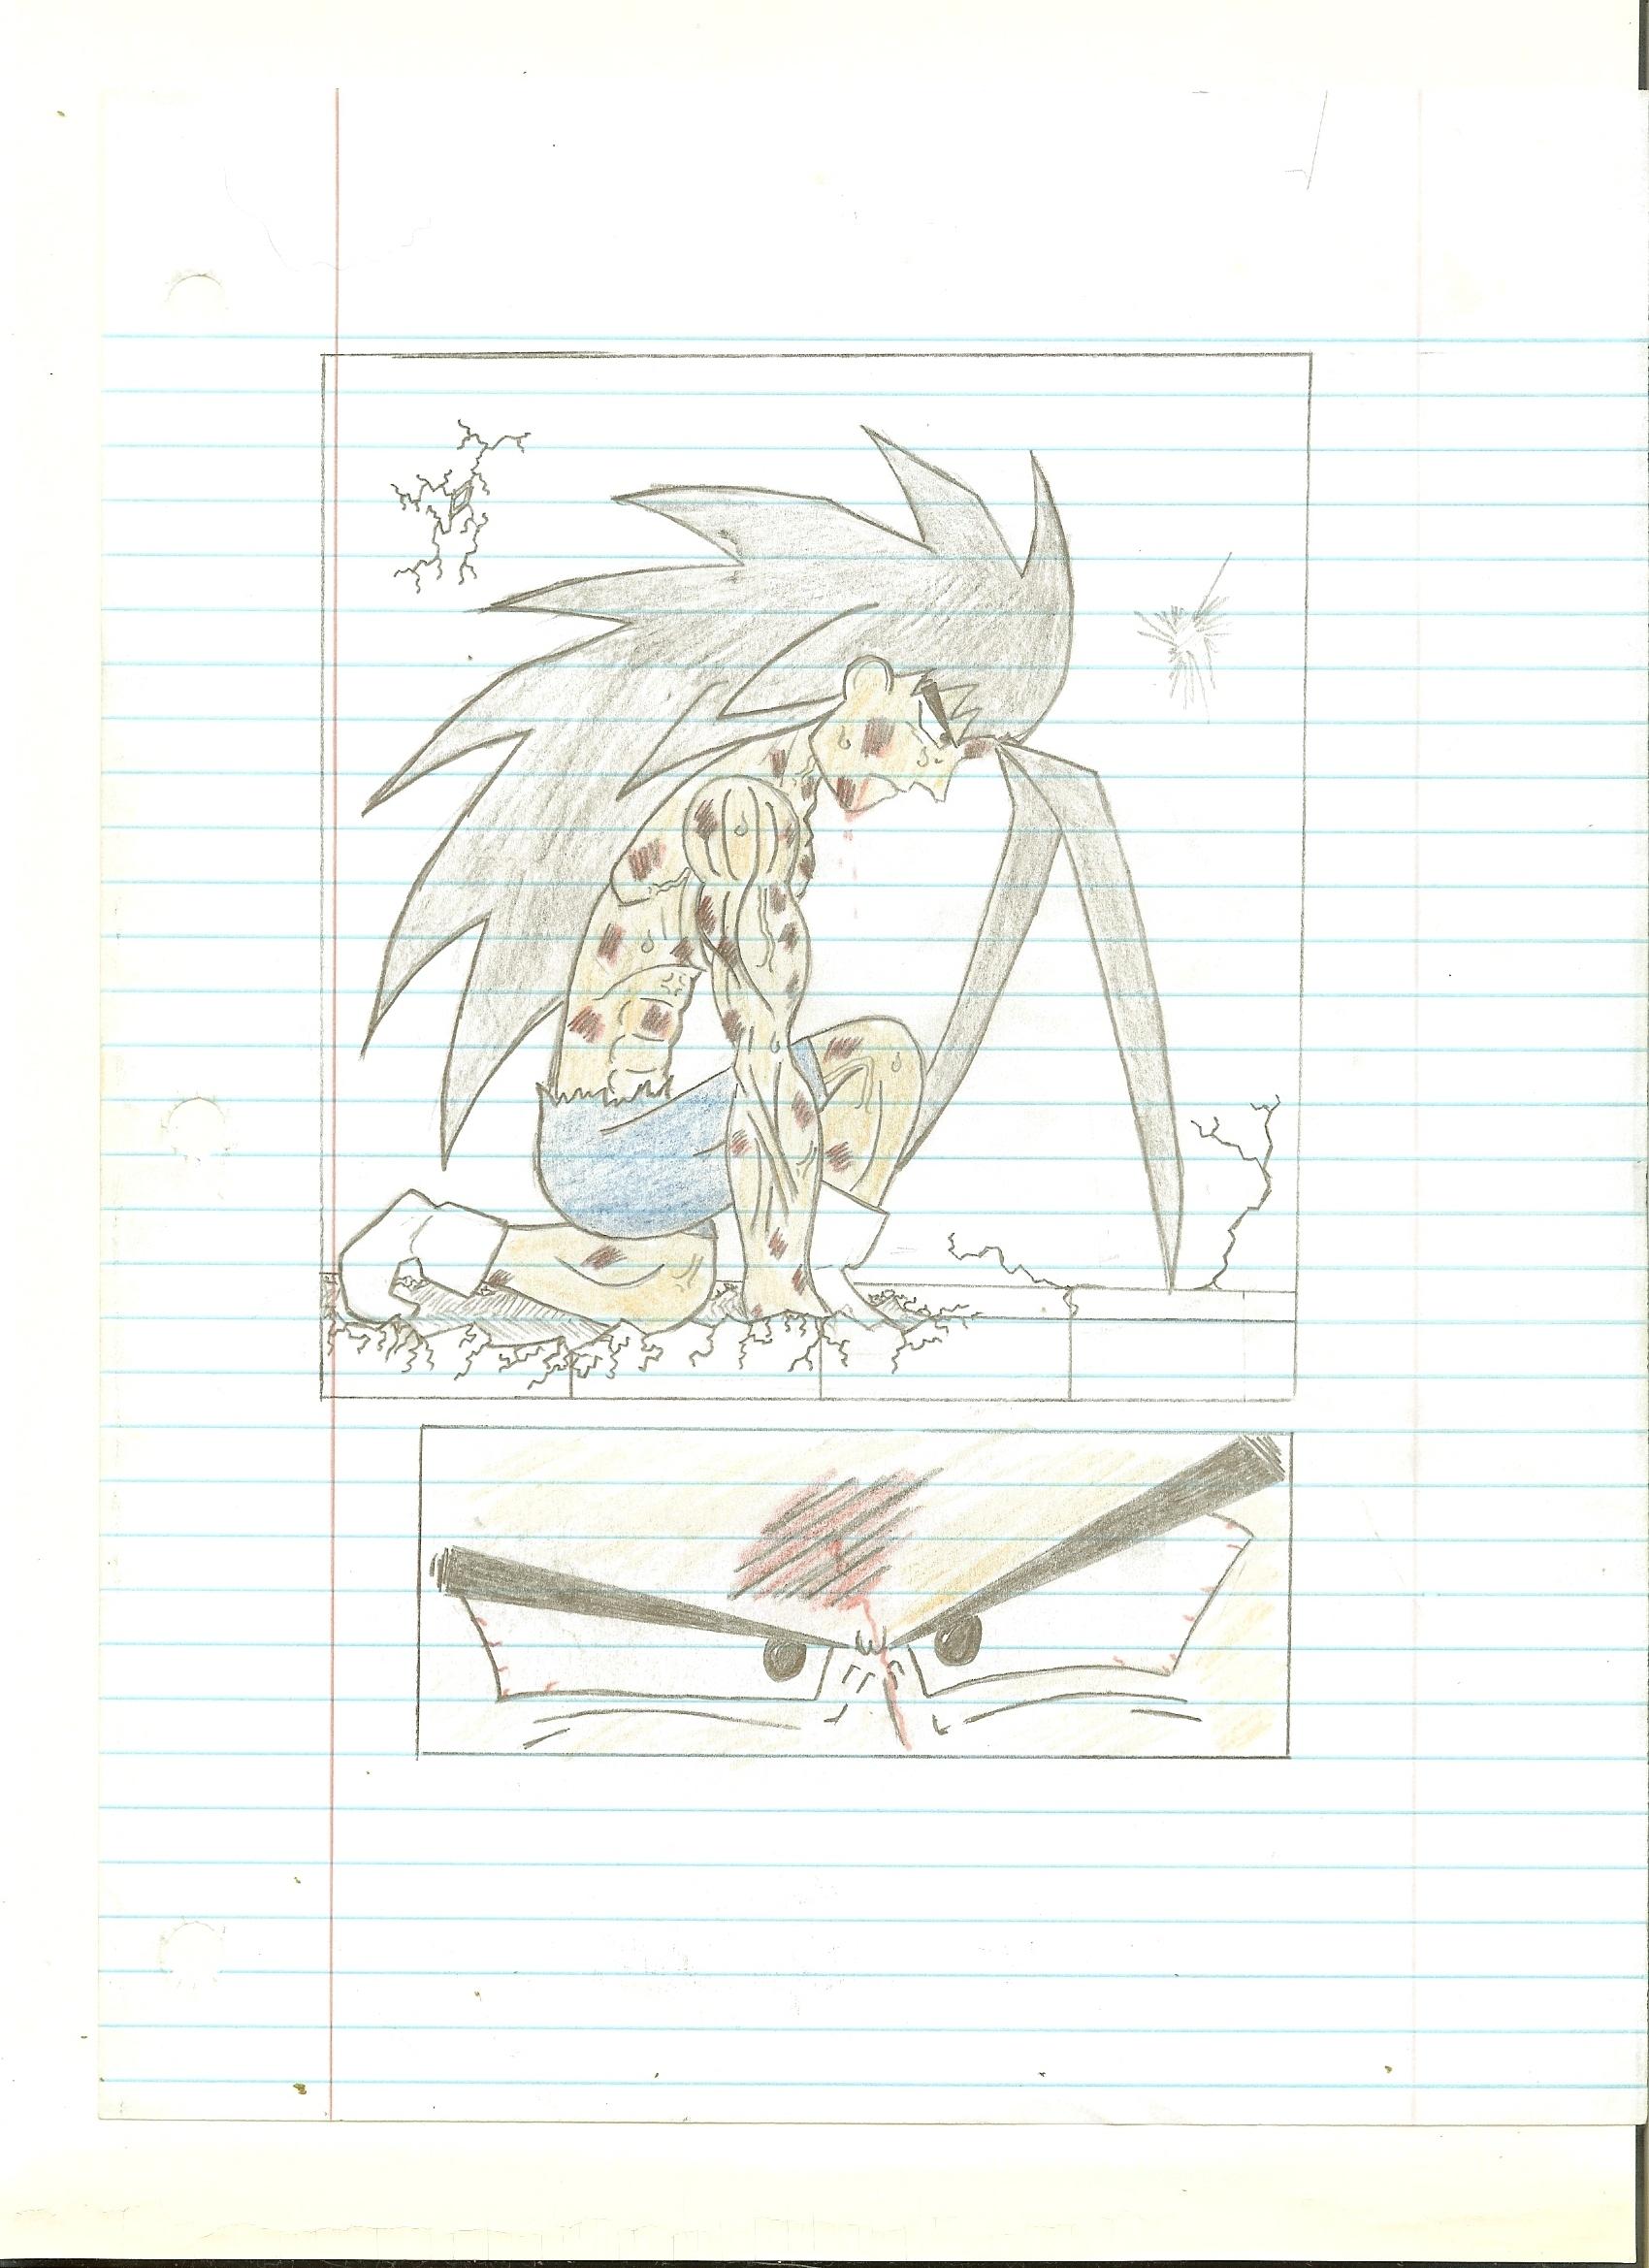 Fan DBZ Comic Page 5 - Genesis